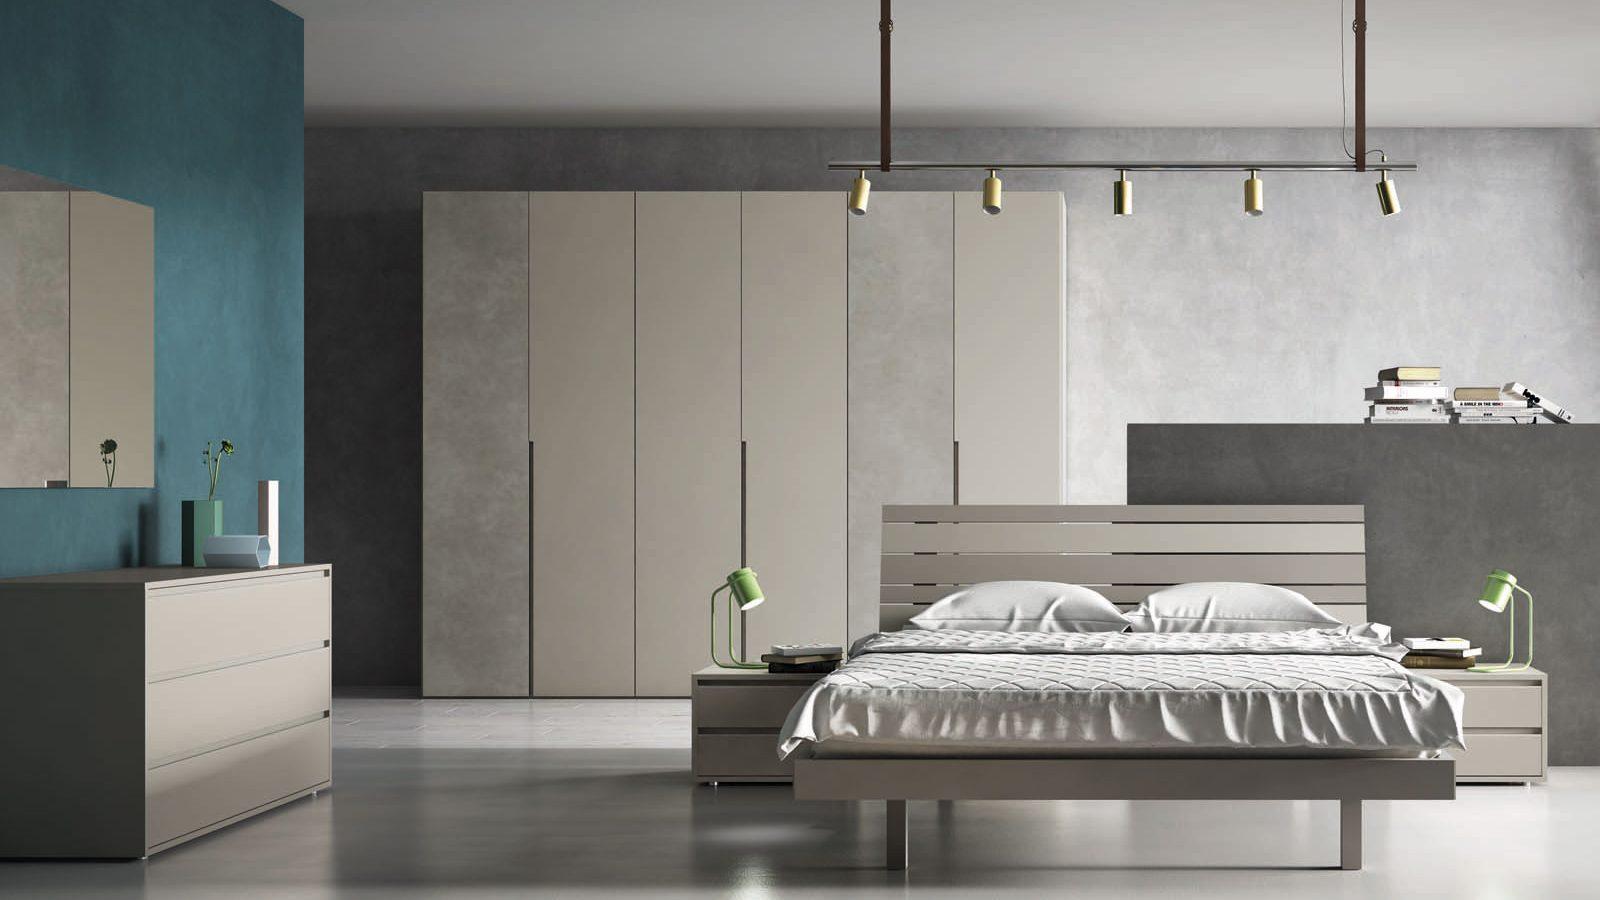 orme-arredamento-notte-light